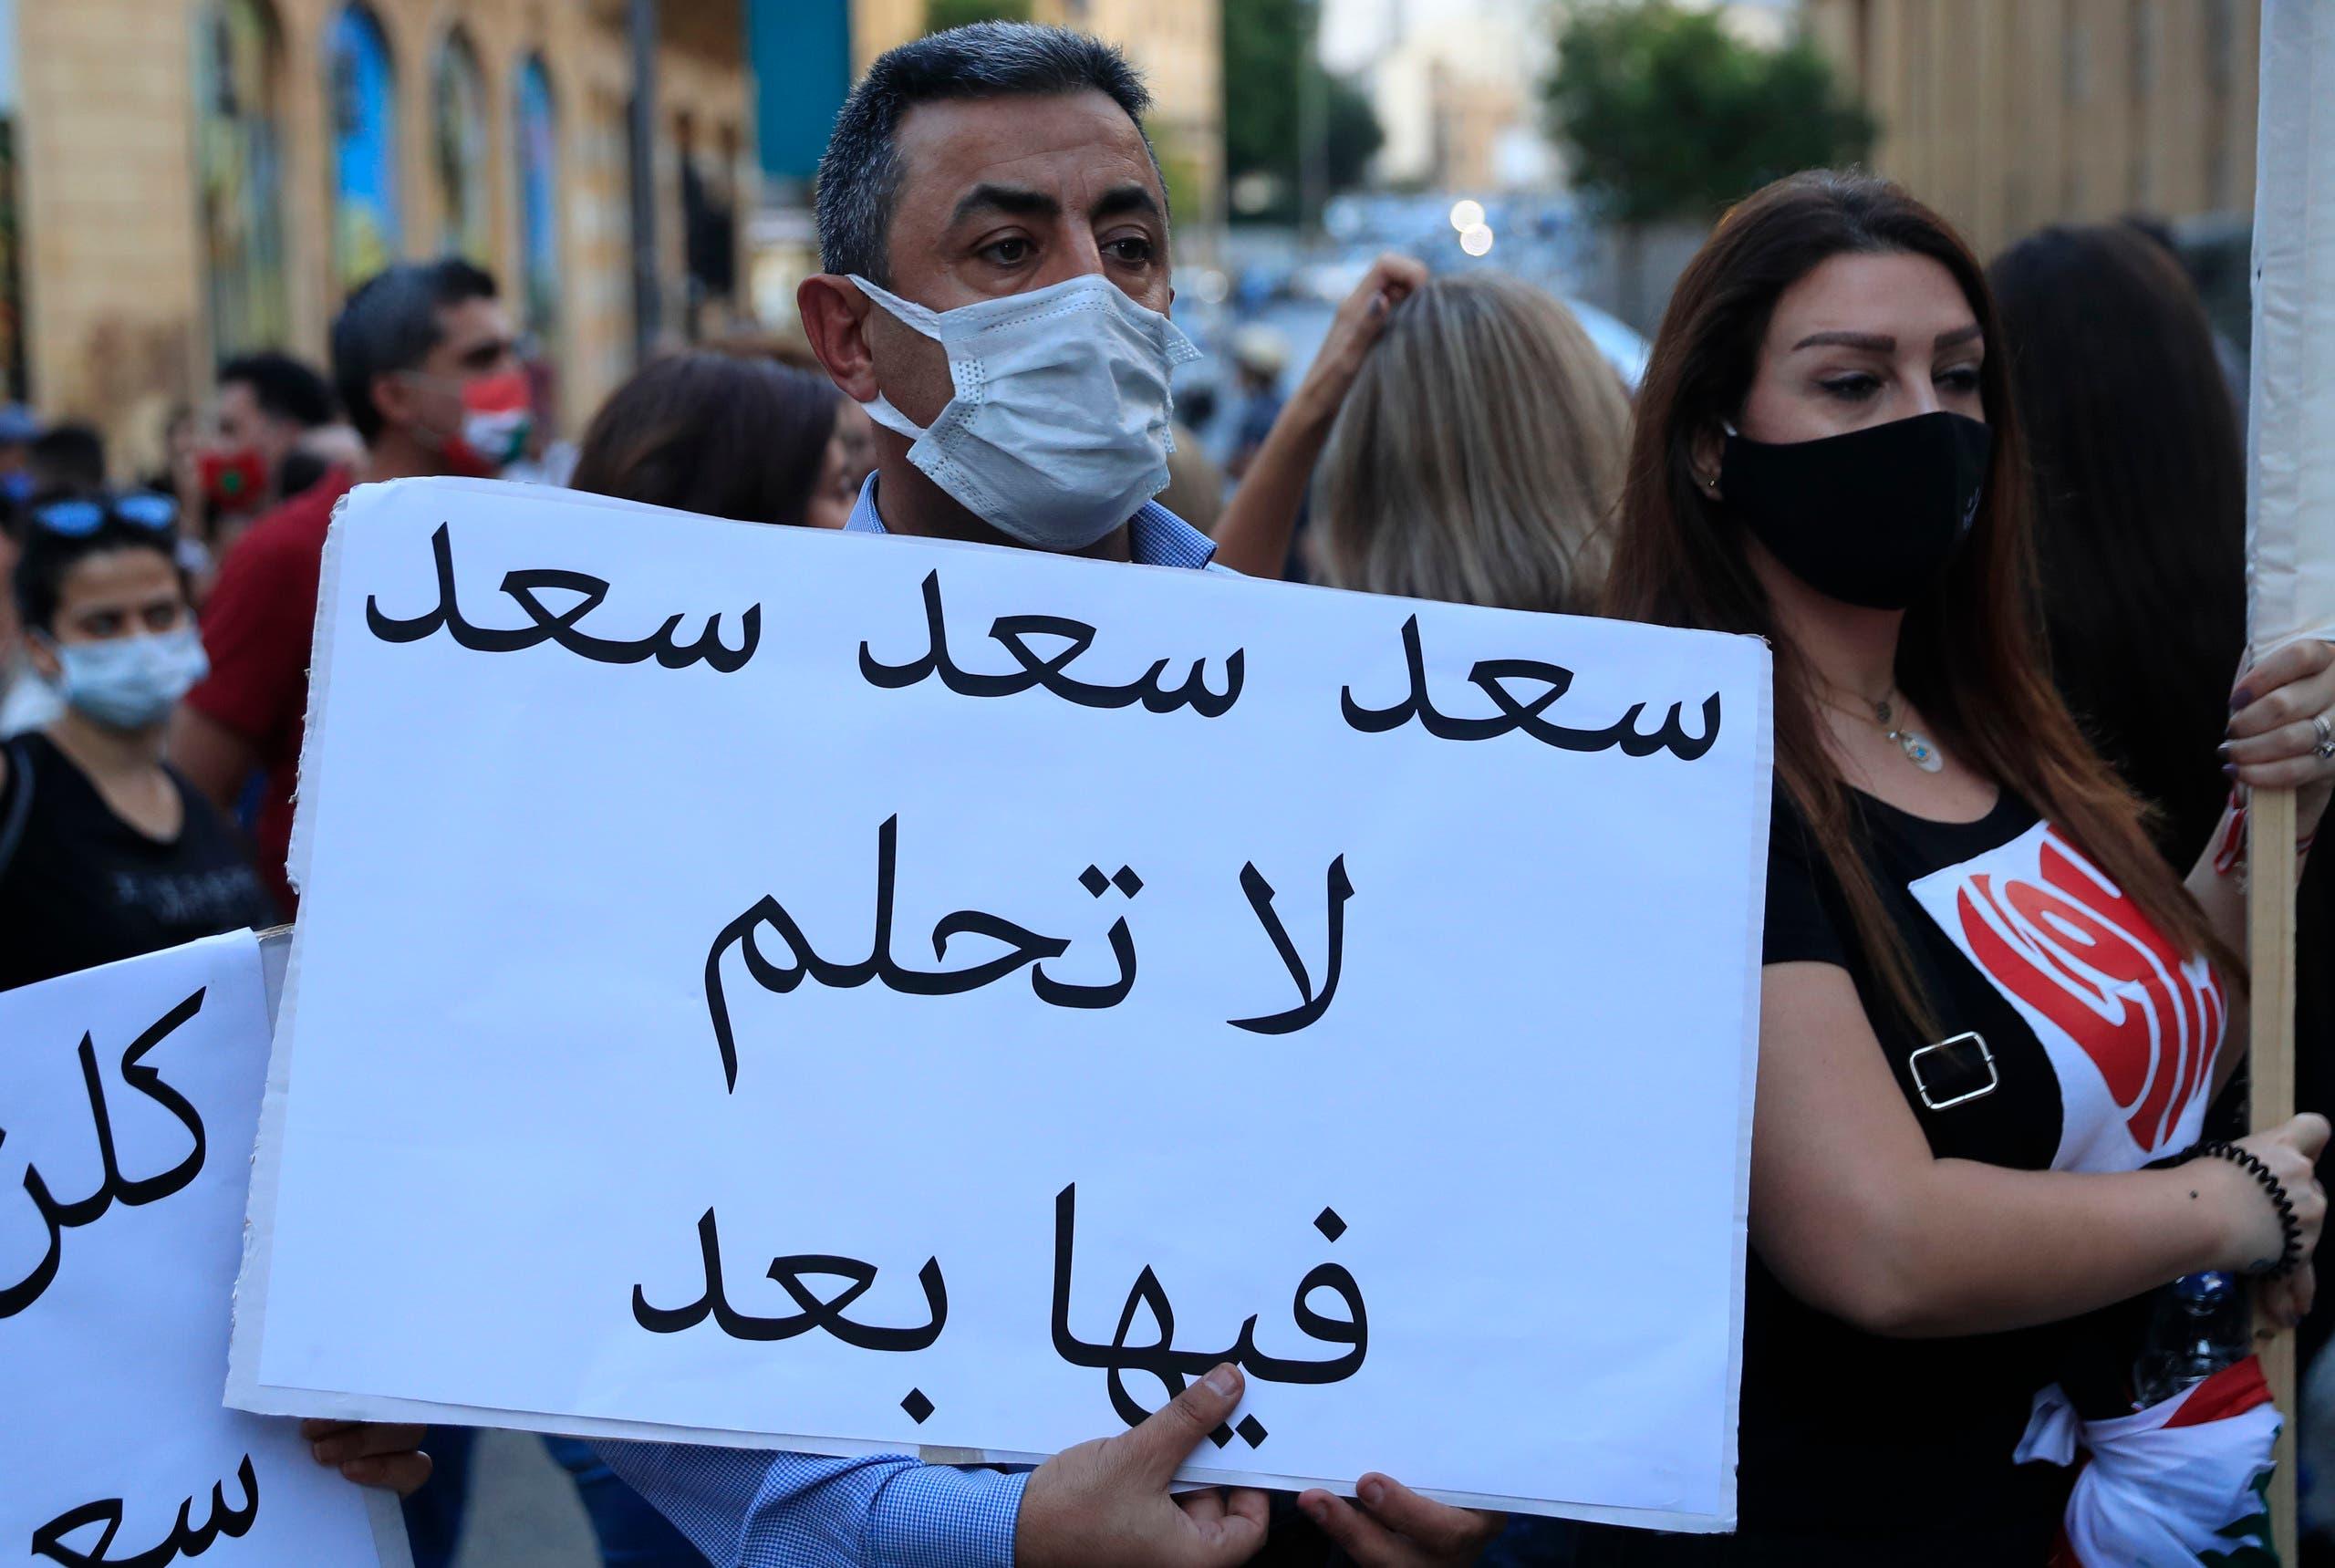 مواطنون يرفعون يافطة ضد عودة سعد الحريري للحكومة (أرشيفية- أسوشييتد برس)